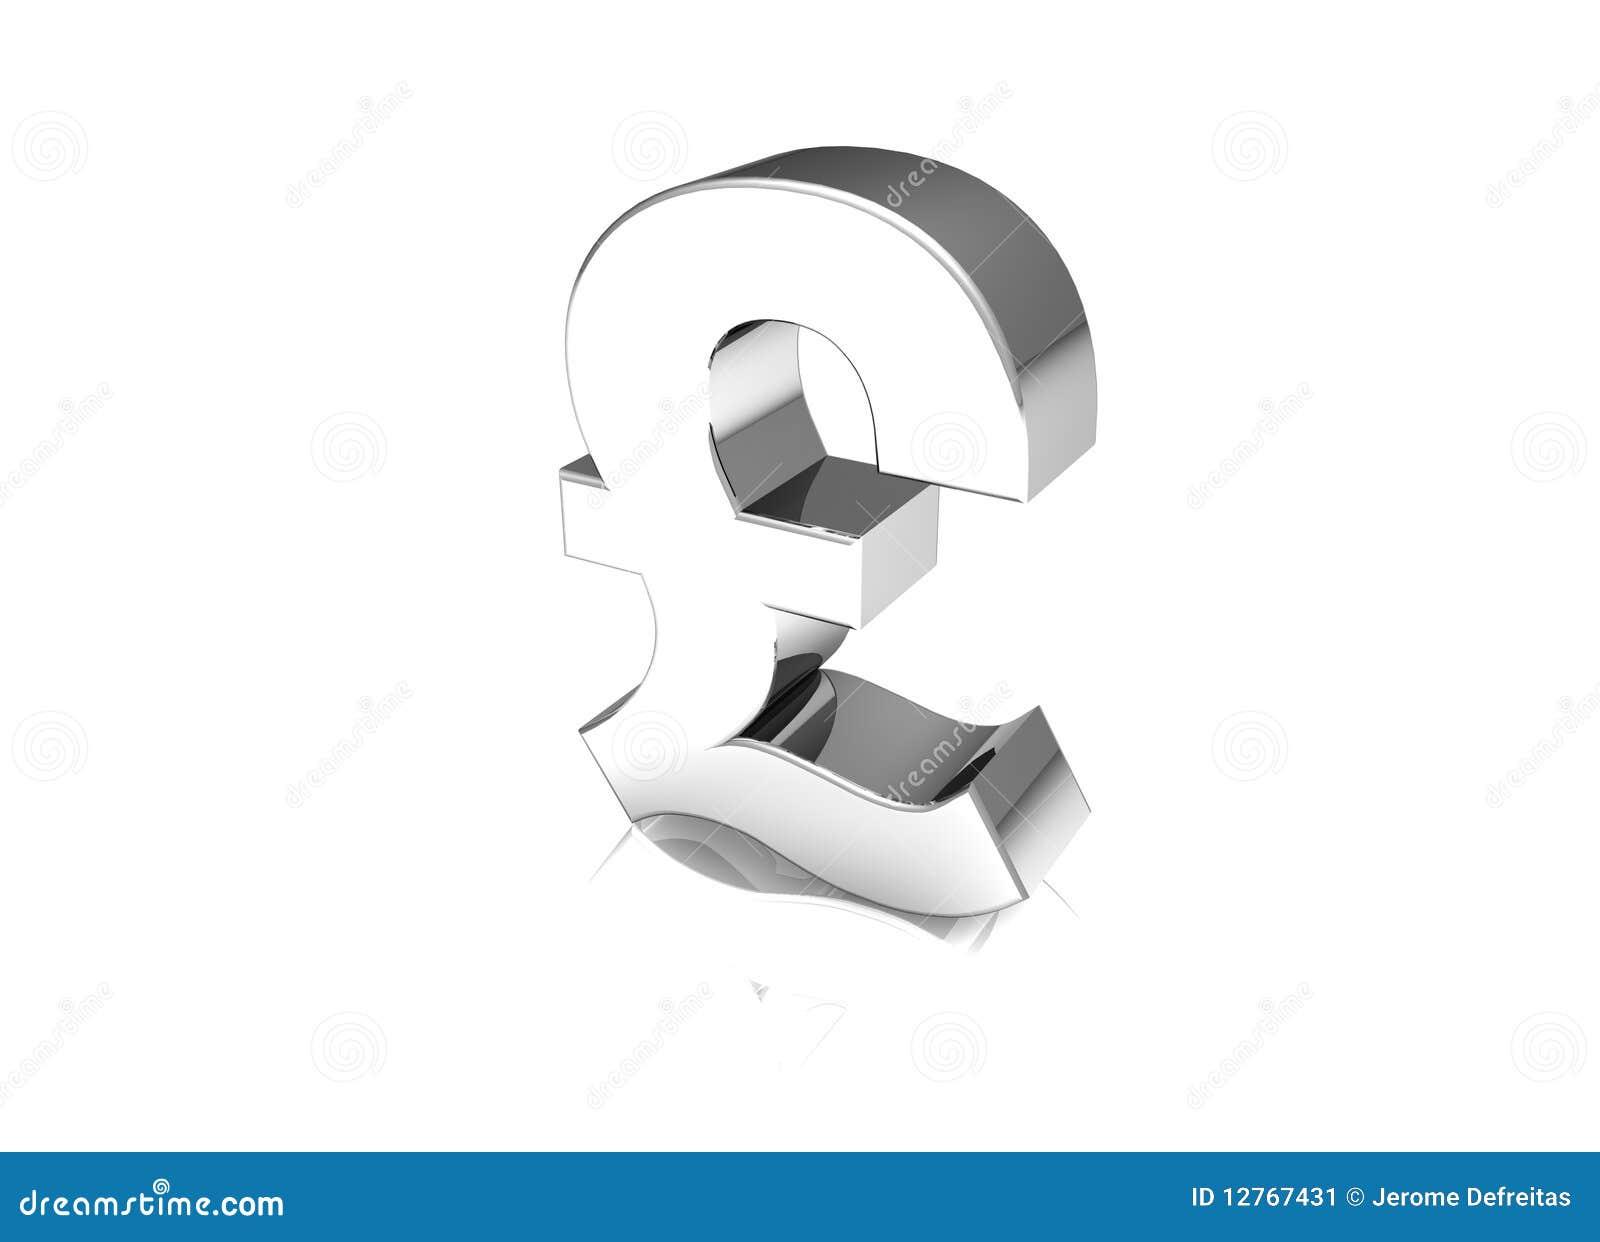 Uk pound symbol stock illustration illustration of cash 12767431 uk pound symbol buycottarizona